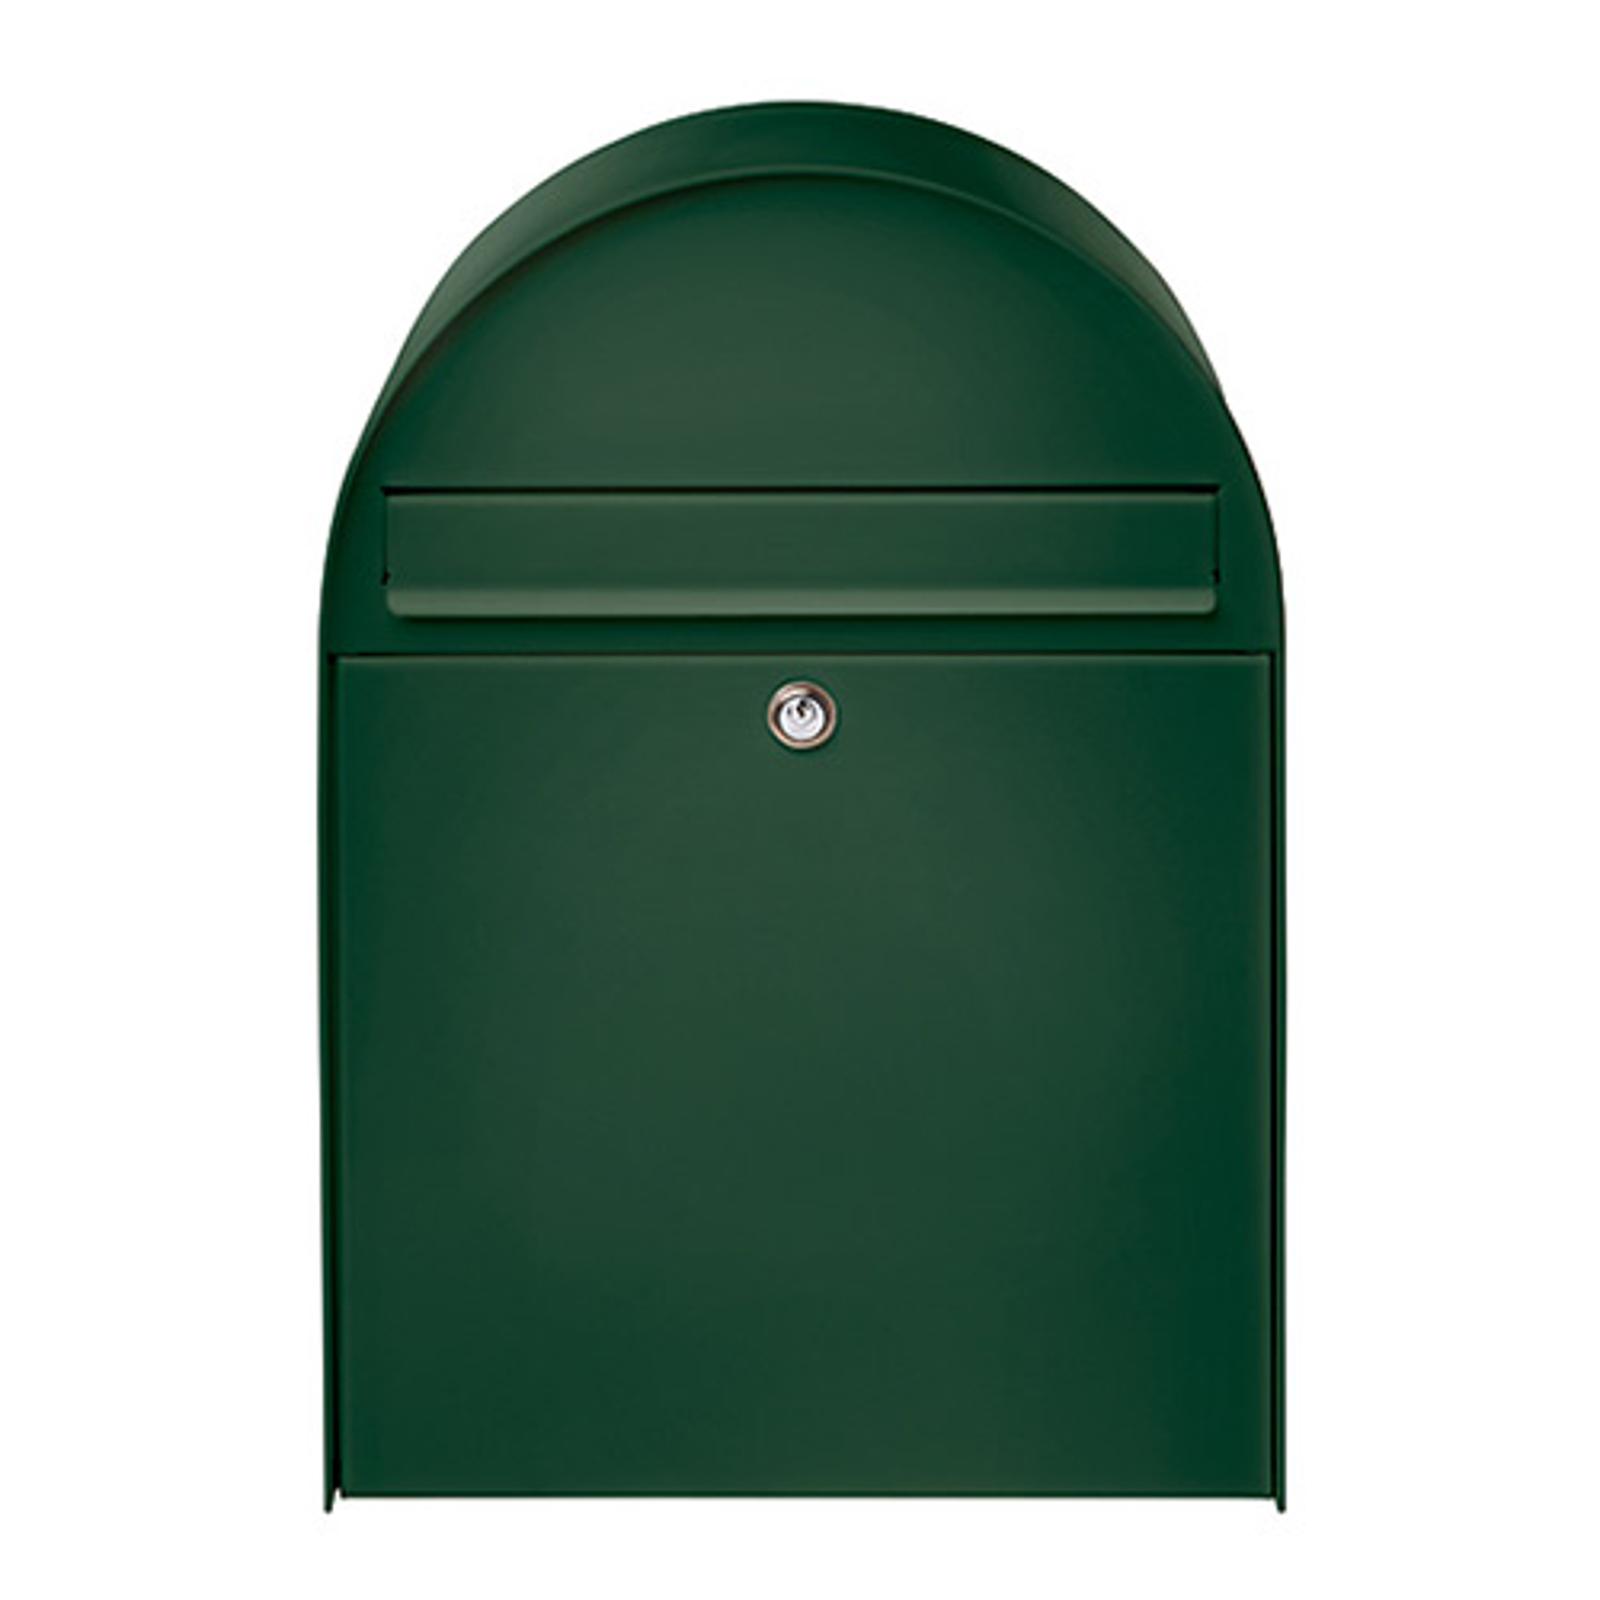 Nordisk 780 - stor postkasse, grøn beklædt